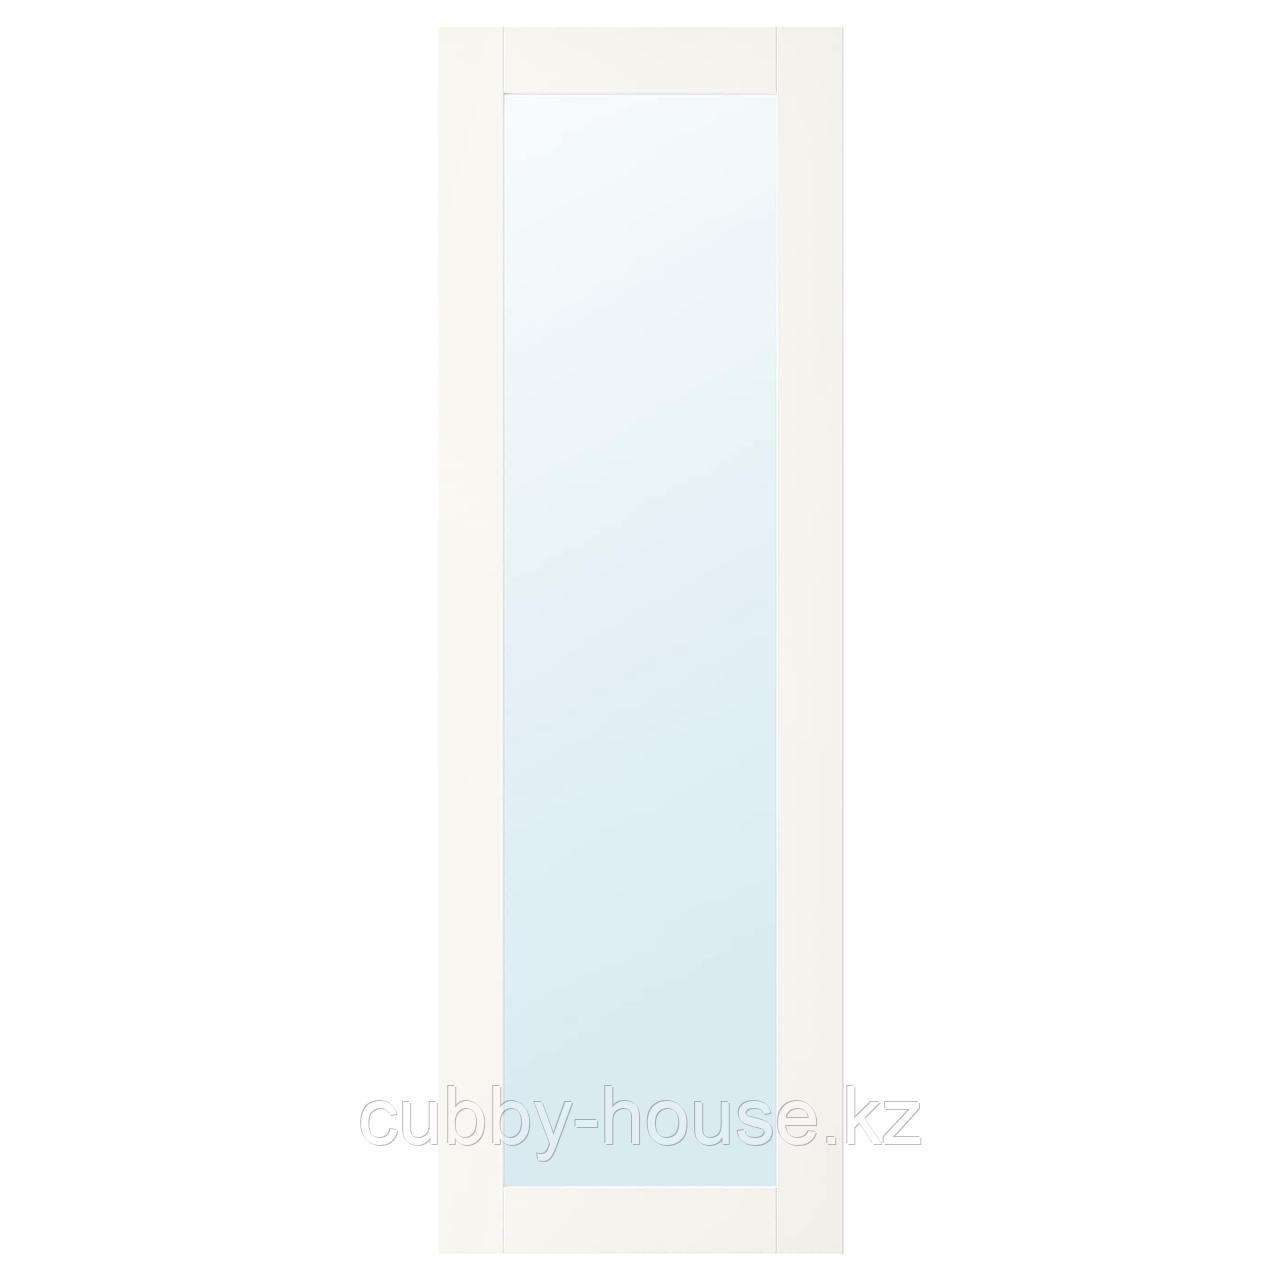 РИДАБУ Зеркальная дверь, белый, 40x120 см